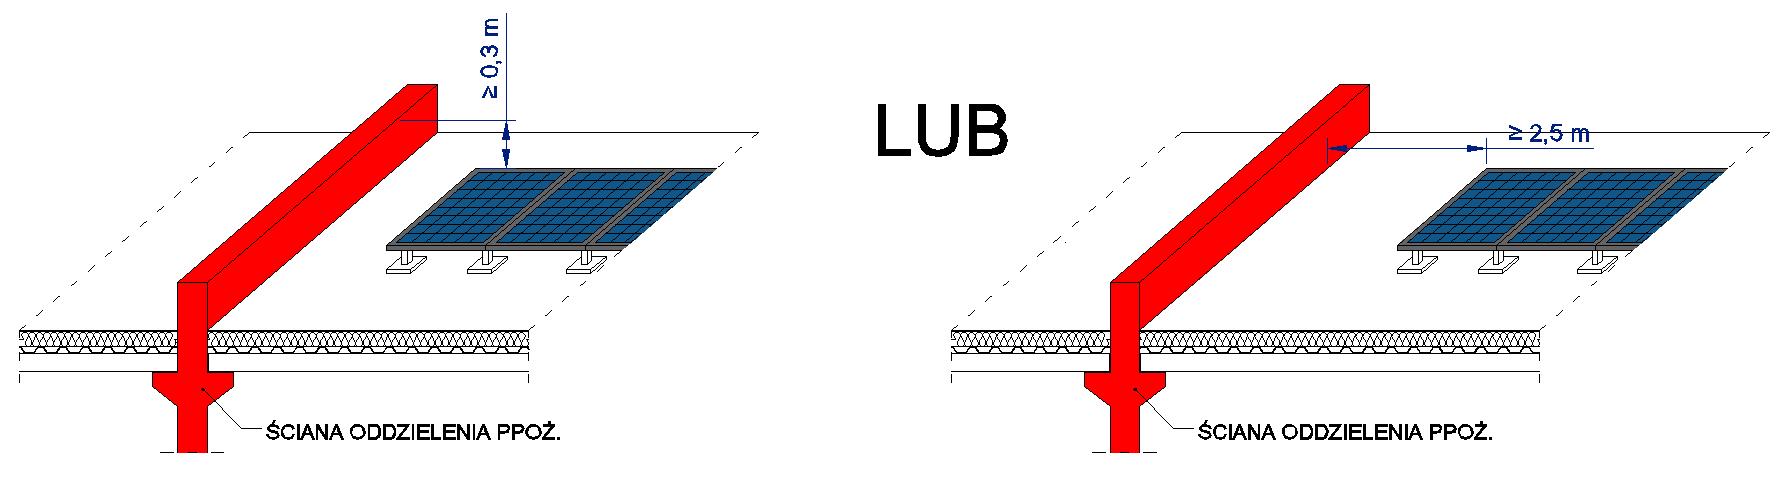 usytuowanie modułów PV w stosunku do ścian oddzielenia przeciwpożarowego